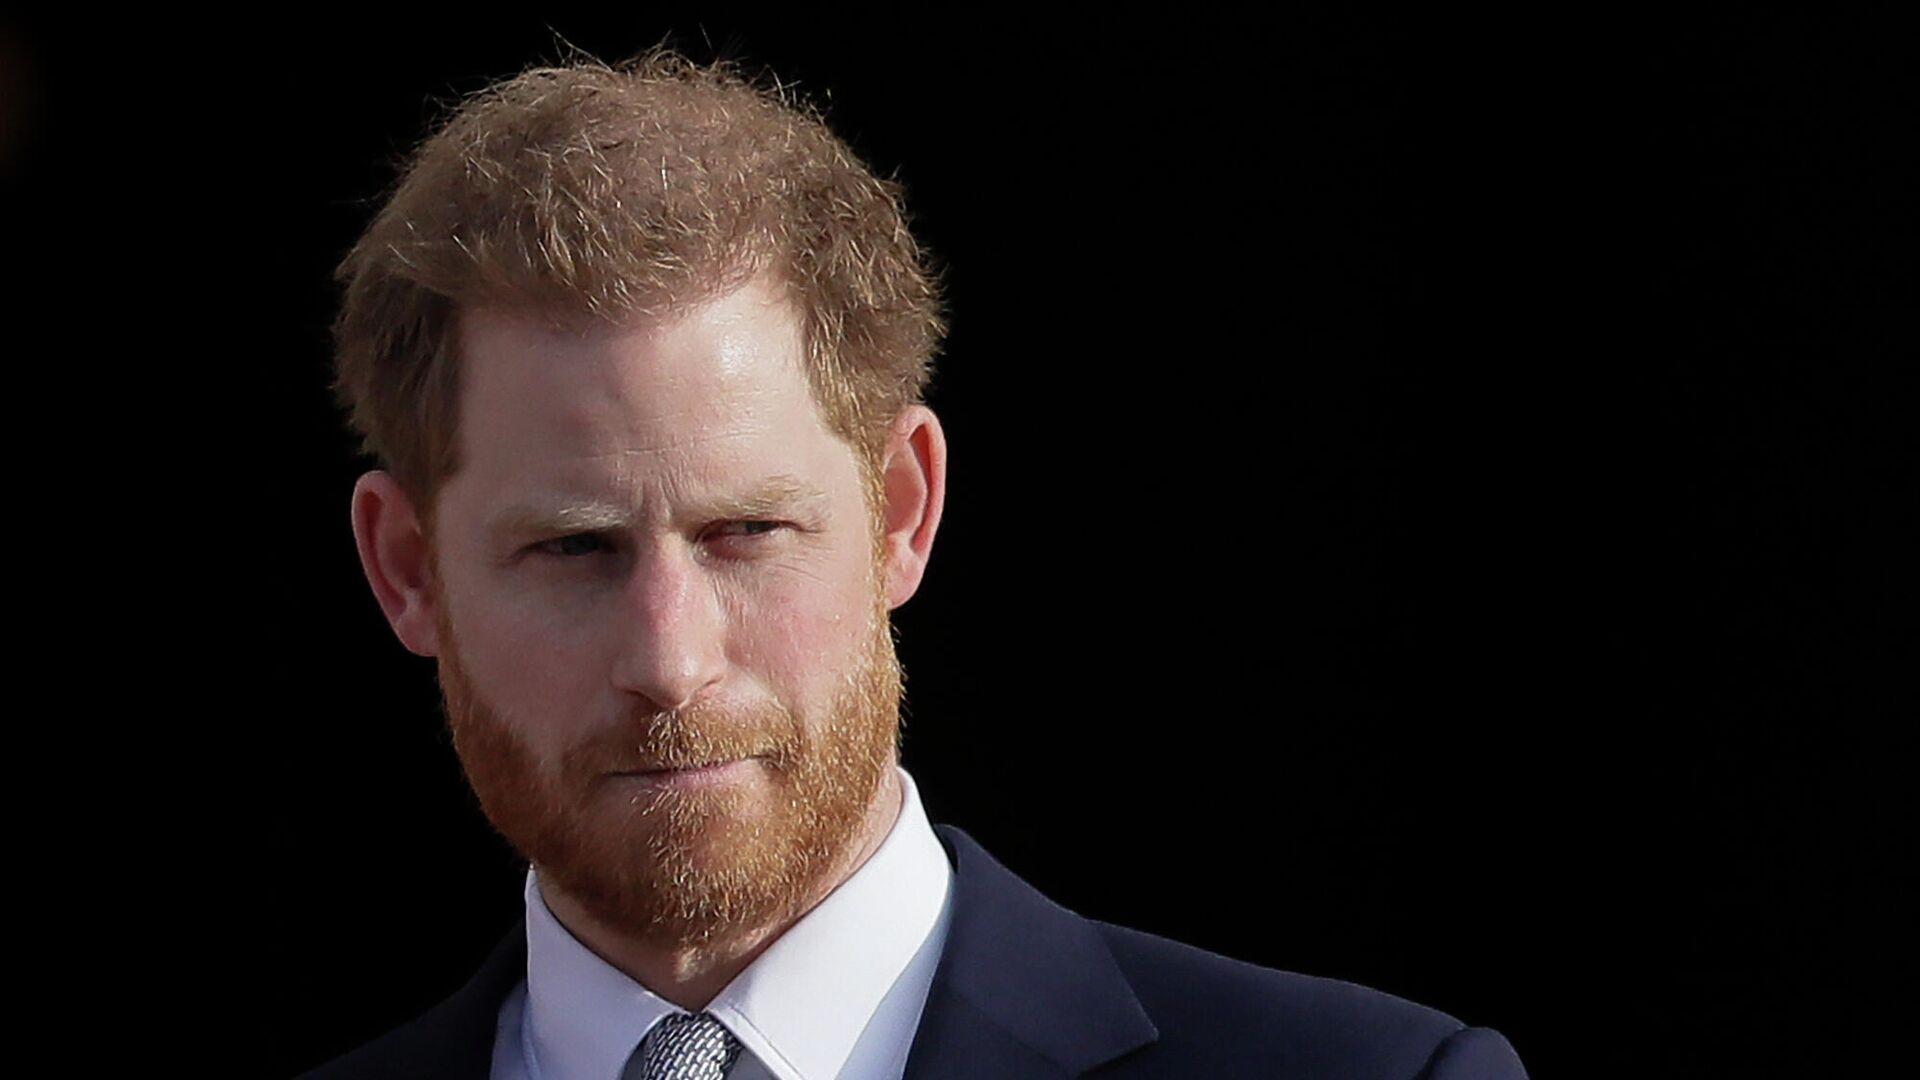 Британский принц Гарри в Букингемском дворце в Лондоне - РИА Новости, 1920, 20.03.2021